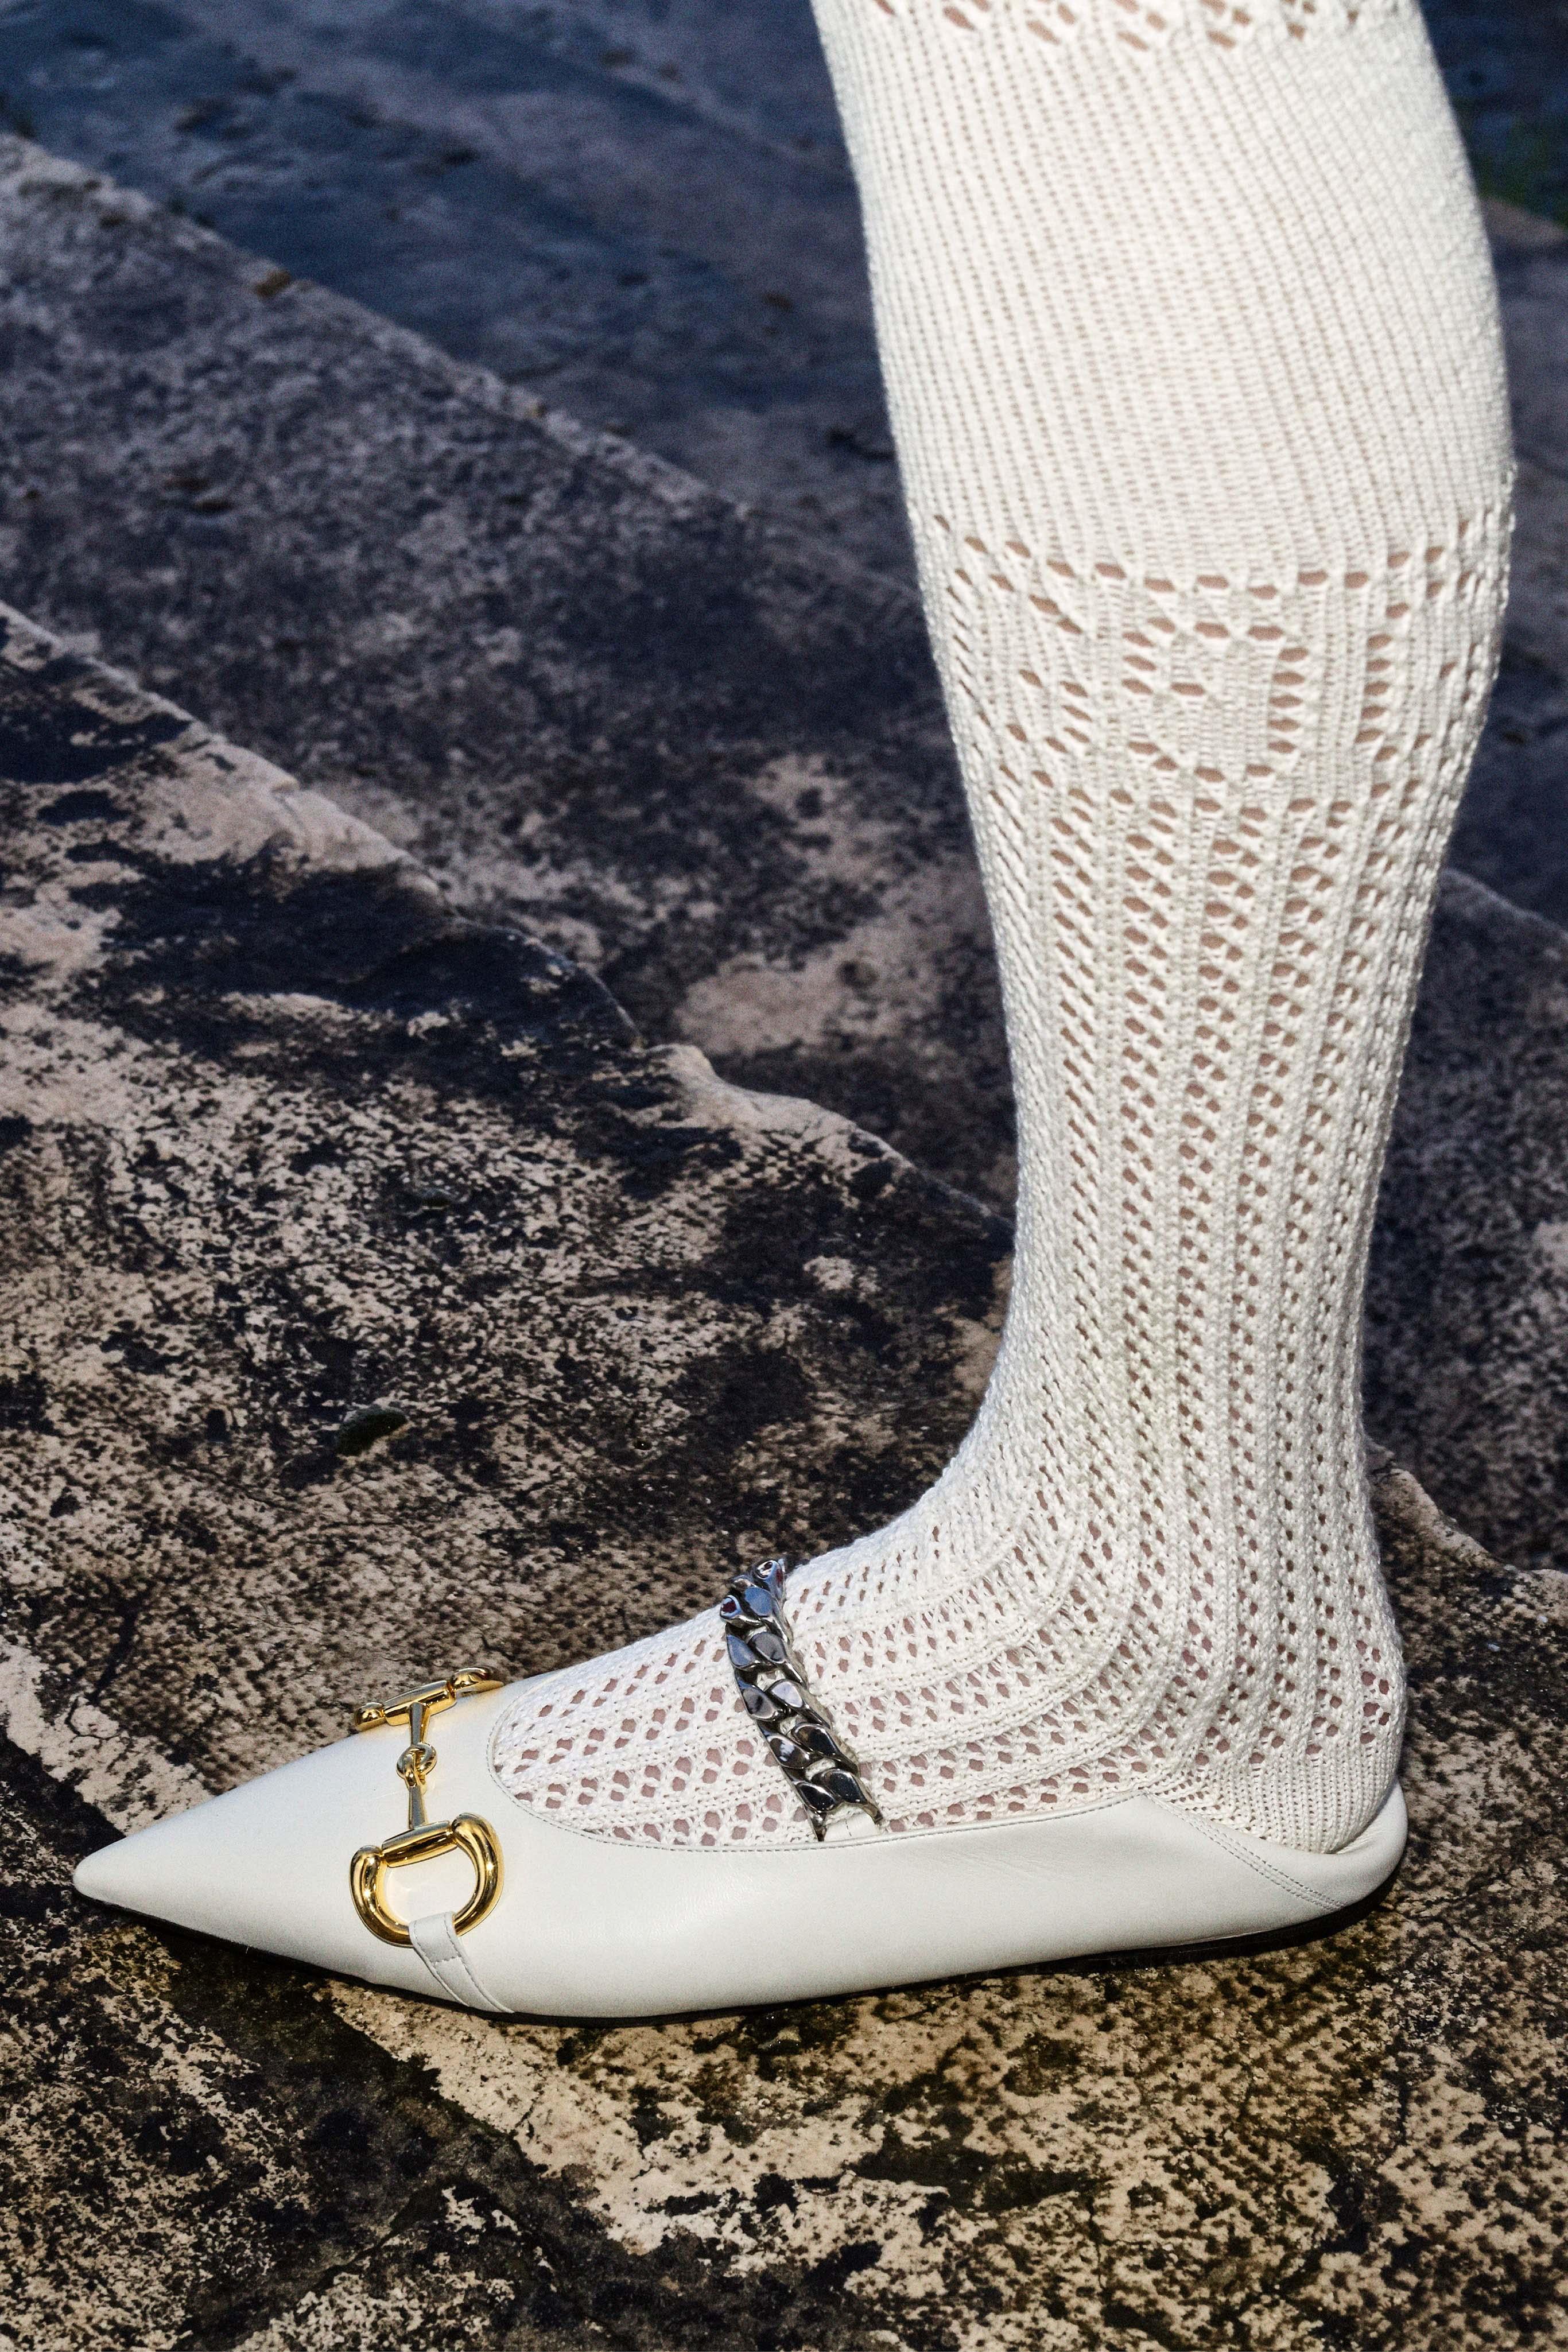 Giày búp bê mũi nhọn thanh lịch được cách điệu trong BST Thu - Đông 2020 Gucci